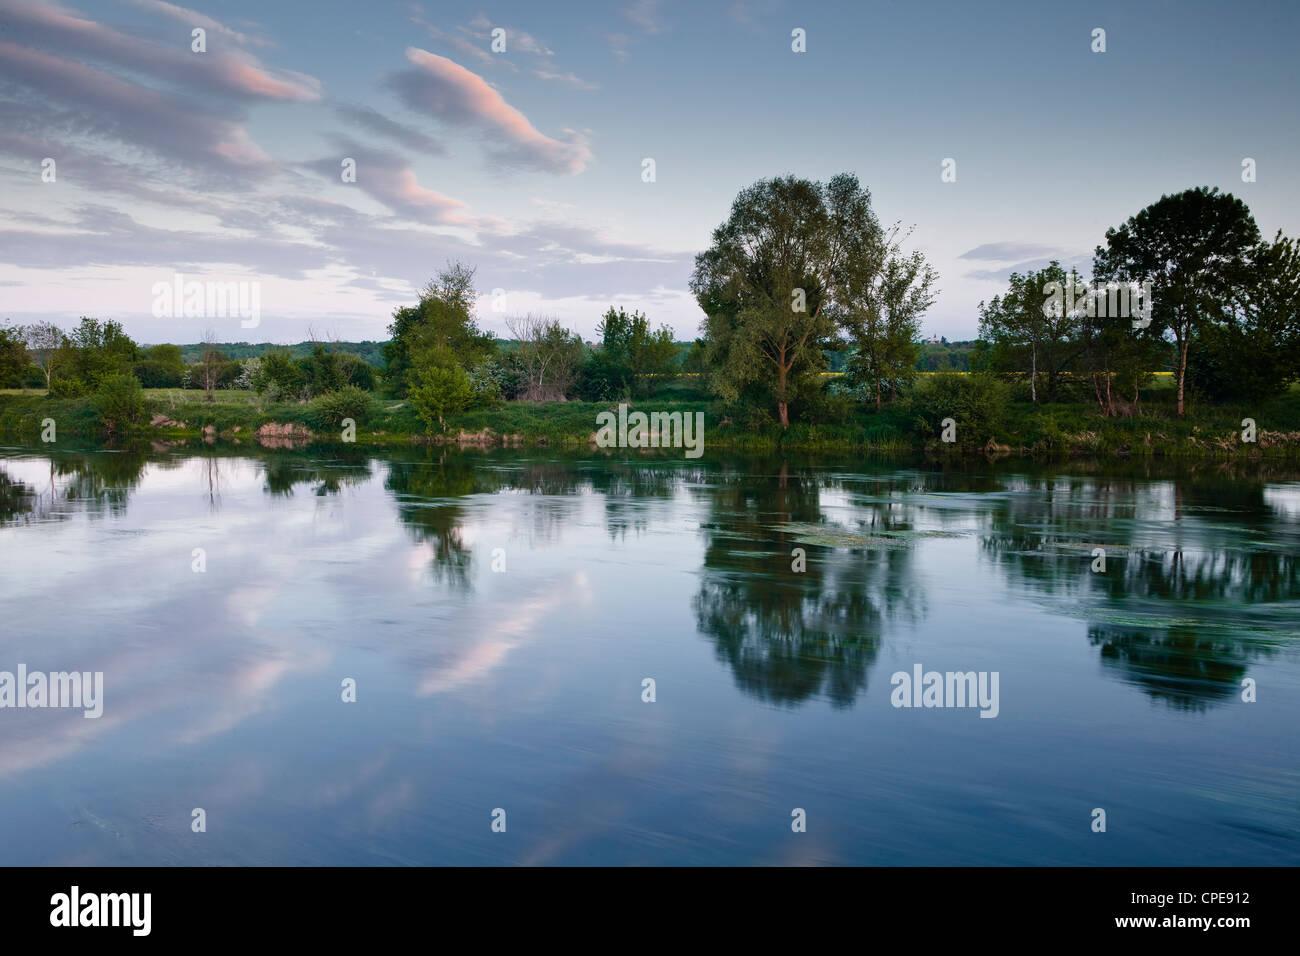 Casi un reflejo de espejo en el río Cher, cerca de Villefranche-sur-Cher, Centro de Francia, Europa Foto de stock